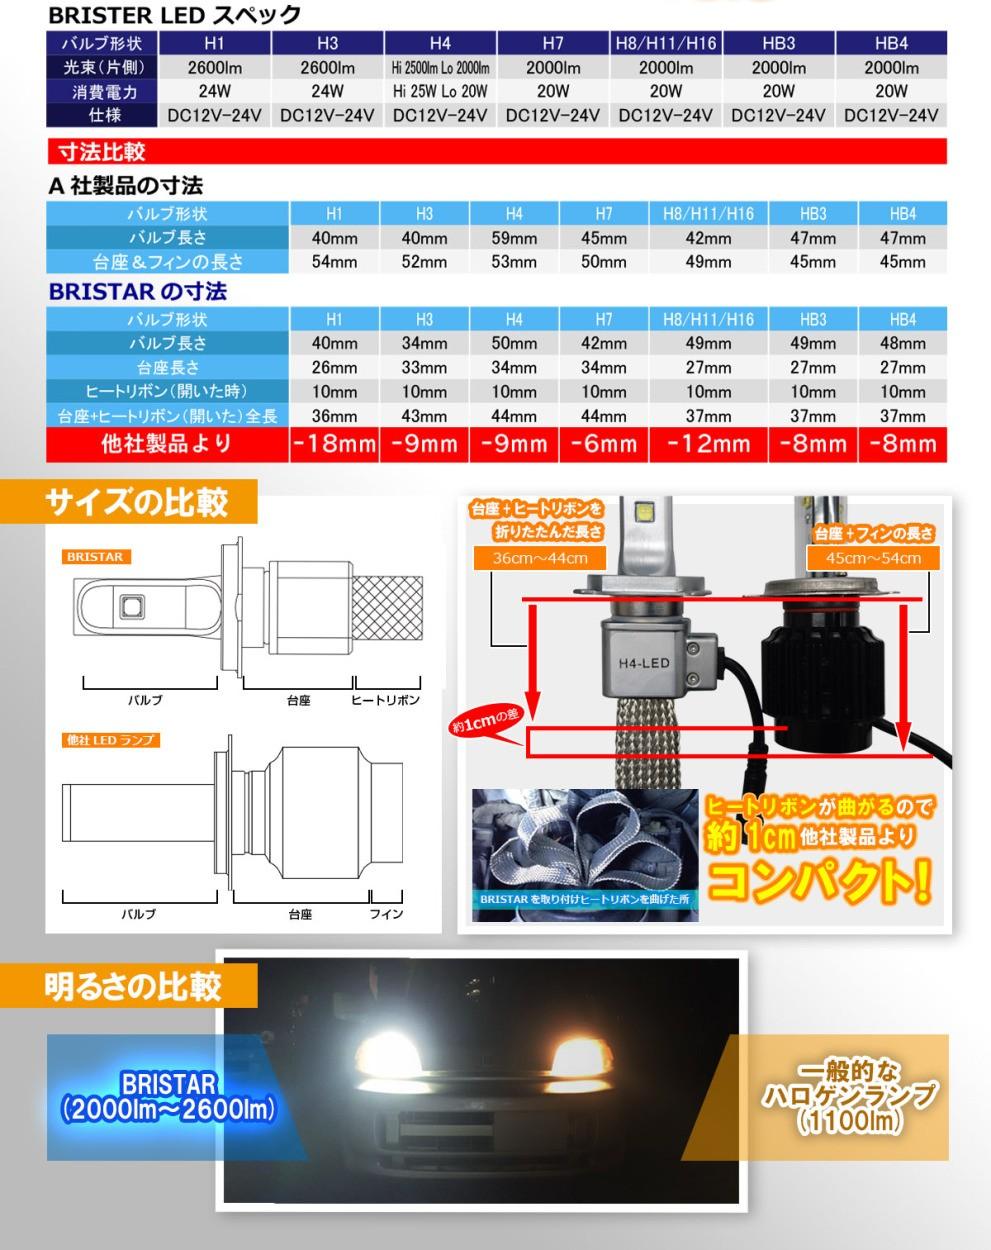 ファンレス LEDヘッドライト HB3 BRISTAR